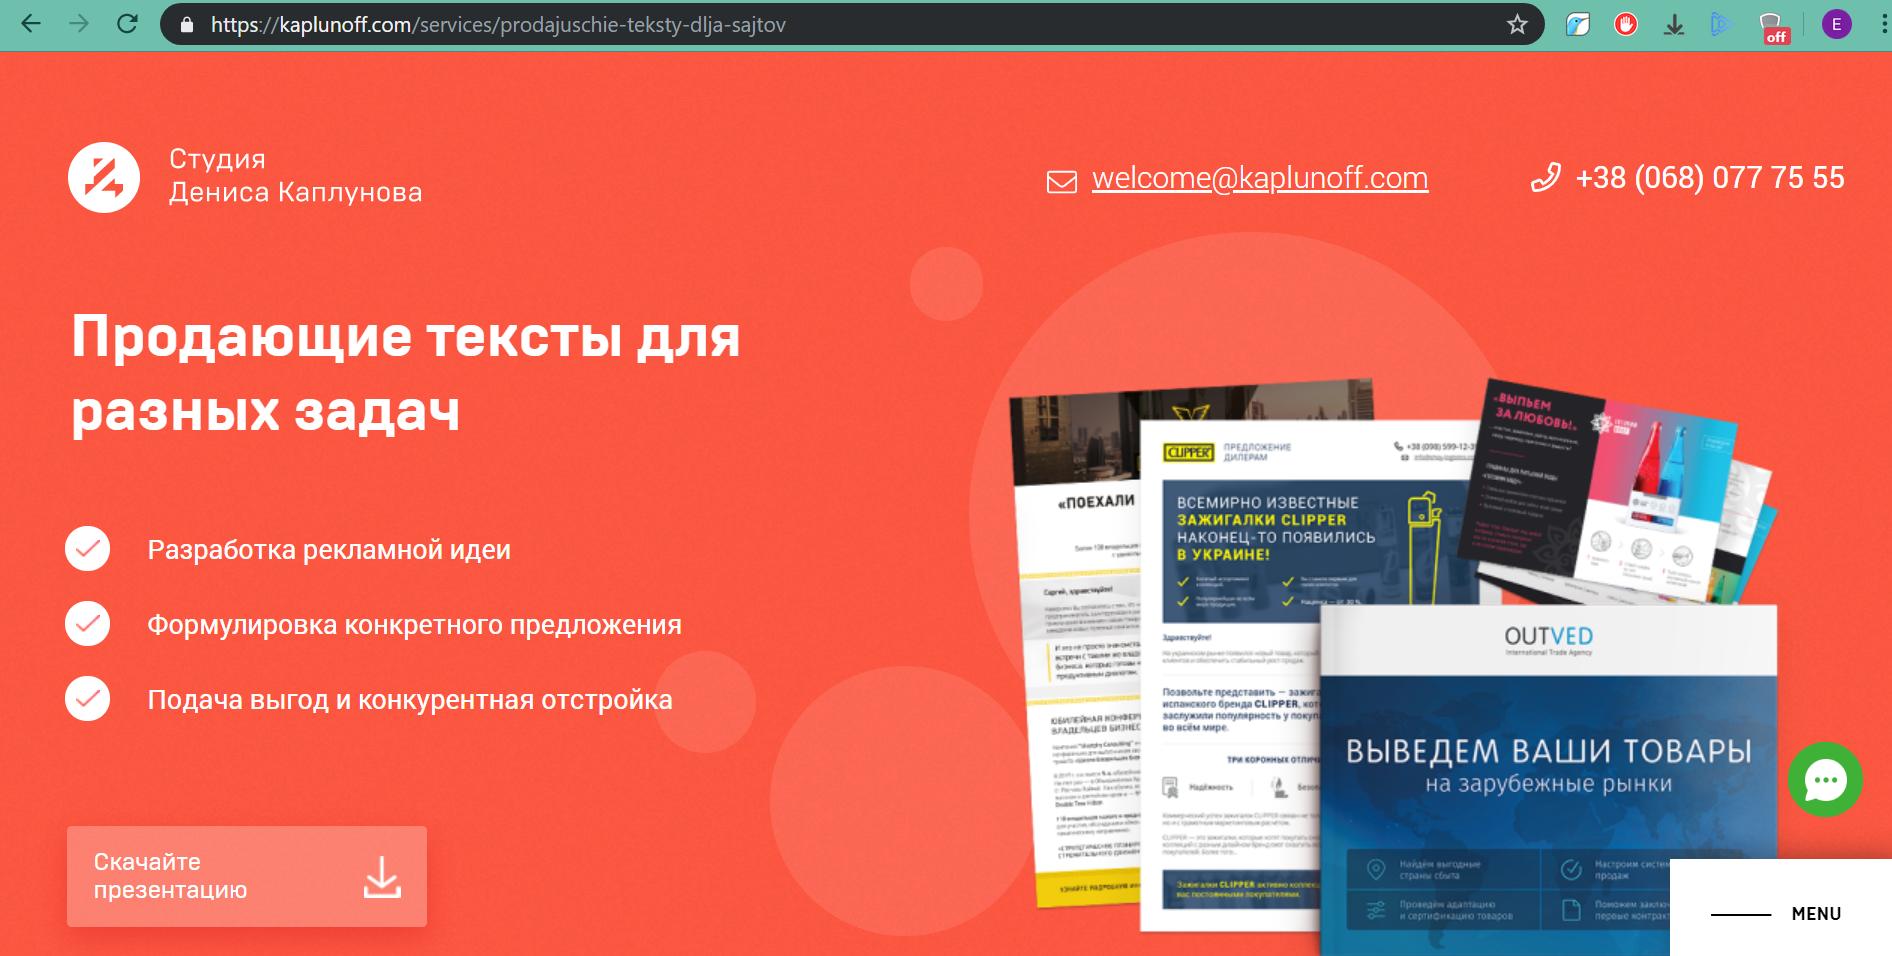 Заглавная страница сайта Каплунова